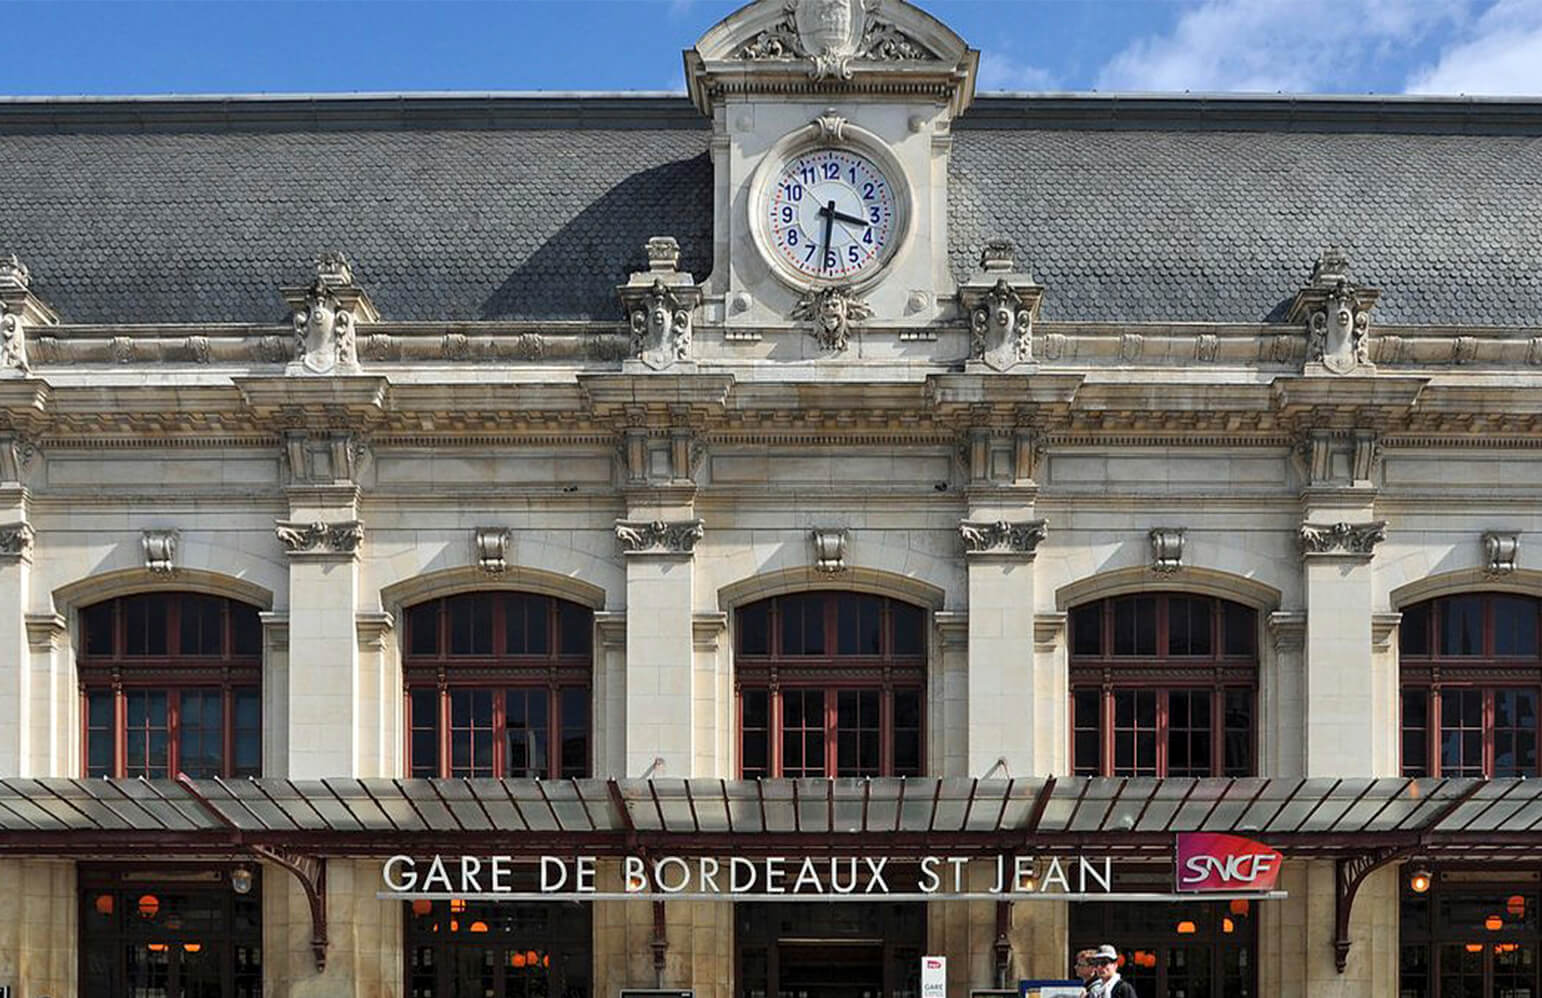 Comment se garer low-cost à Bordeaux Saint-Jean ?